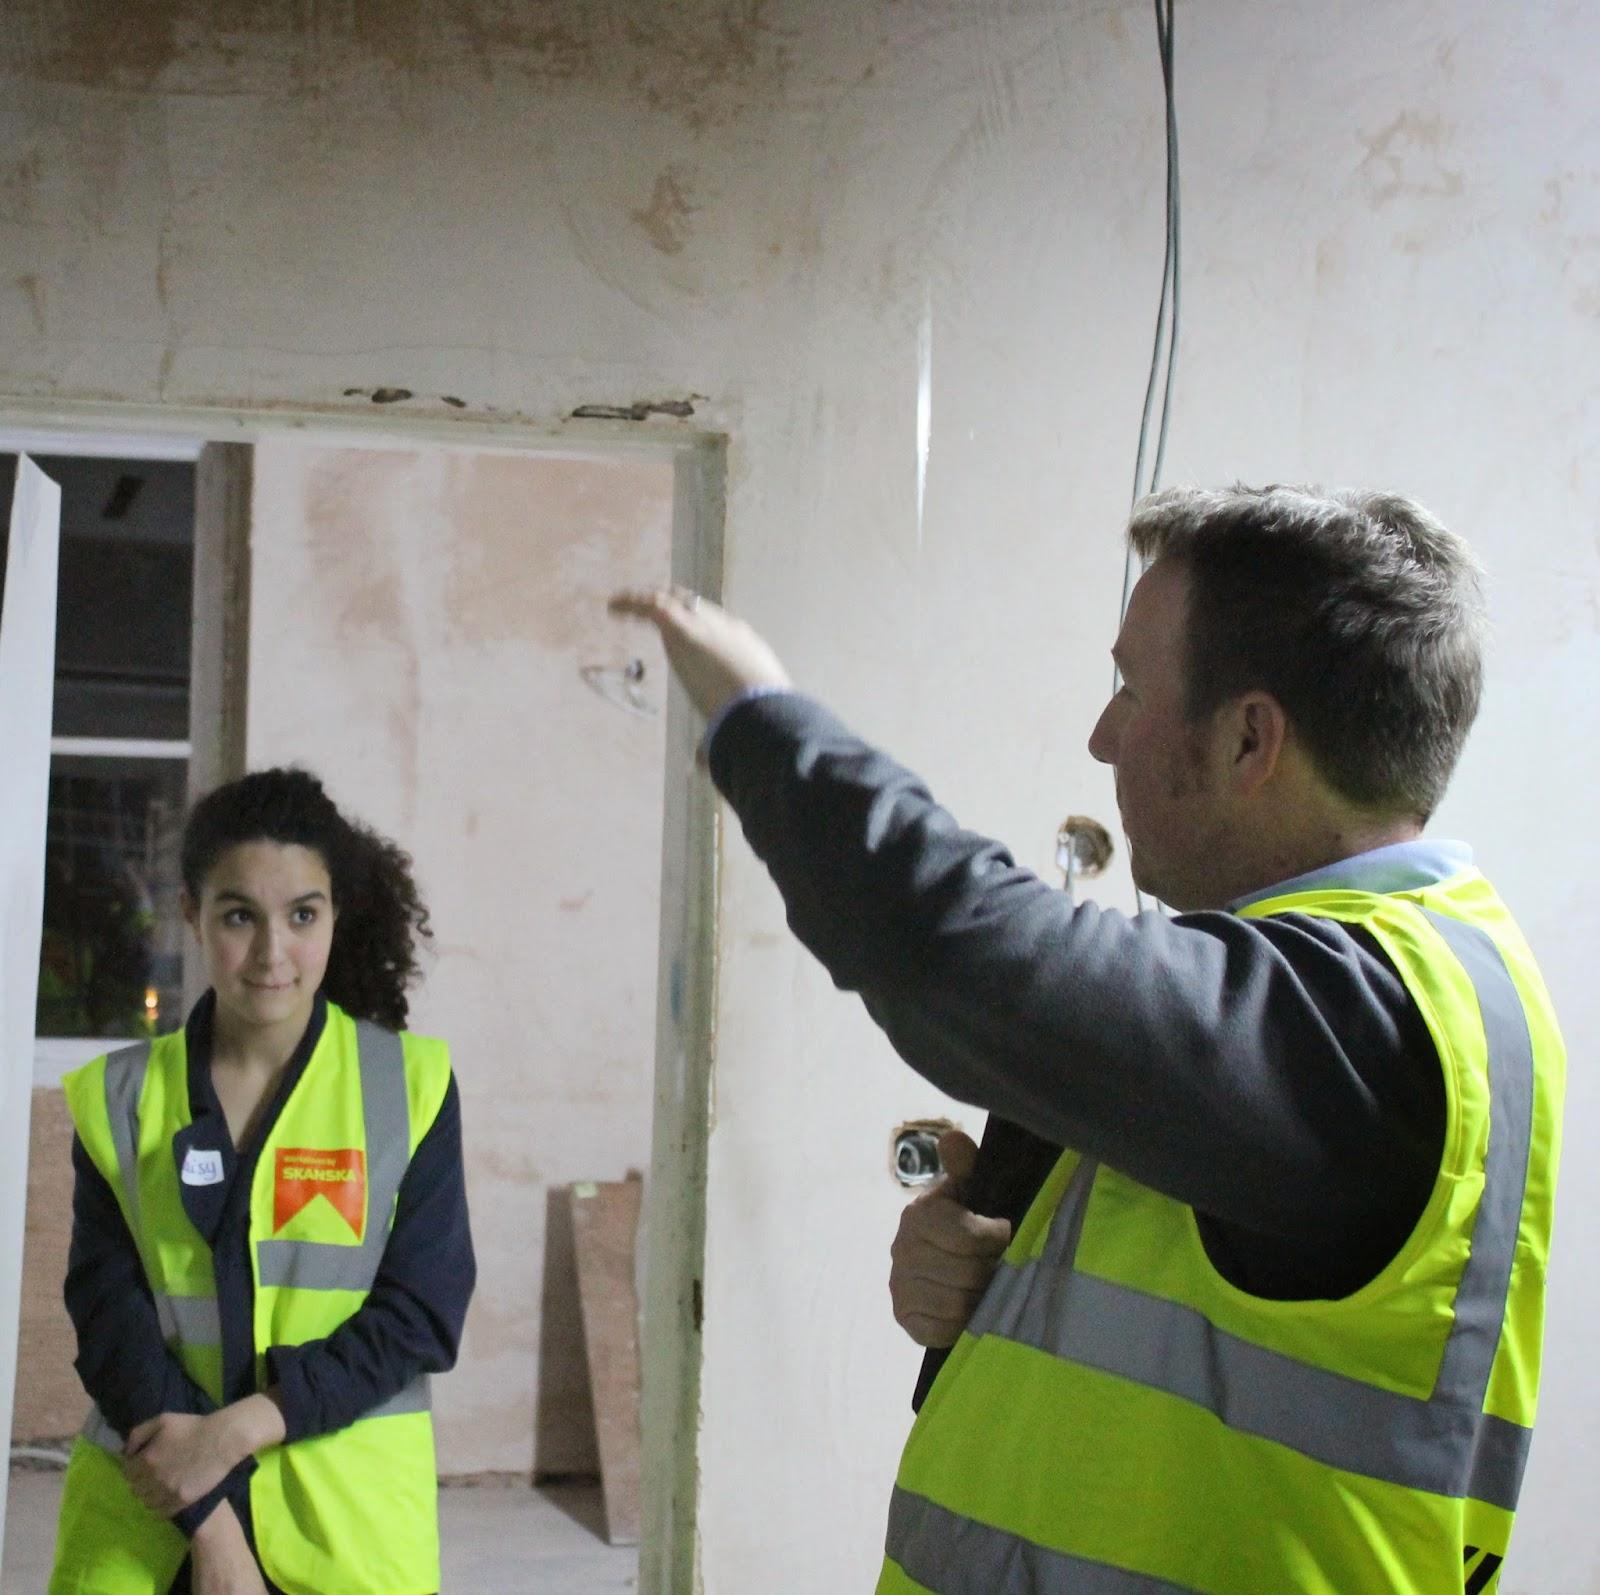 Workshop 8 Site Visit To Skanska Construction Site